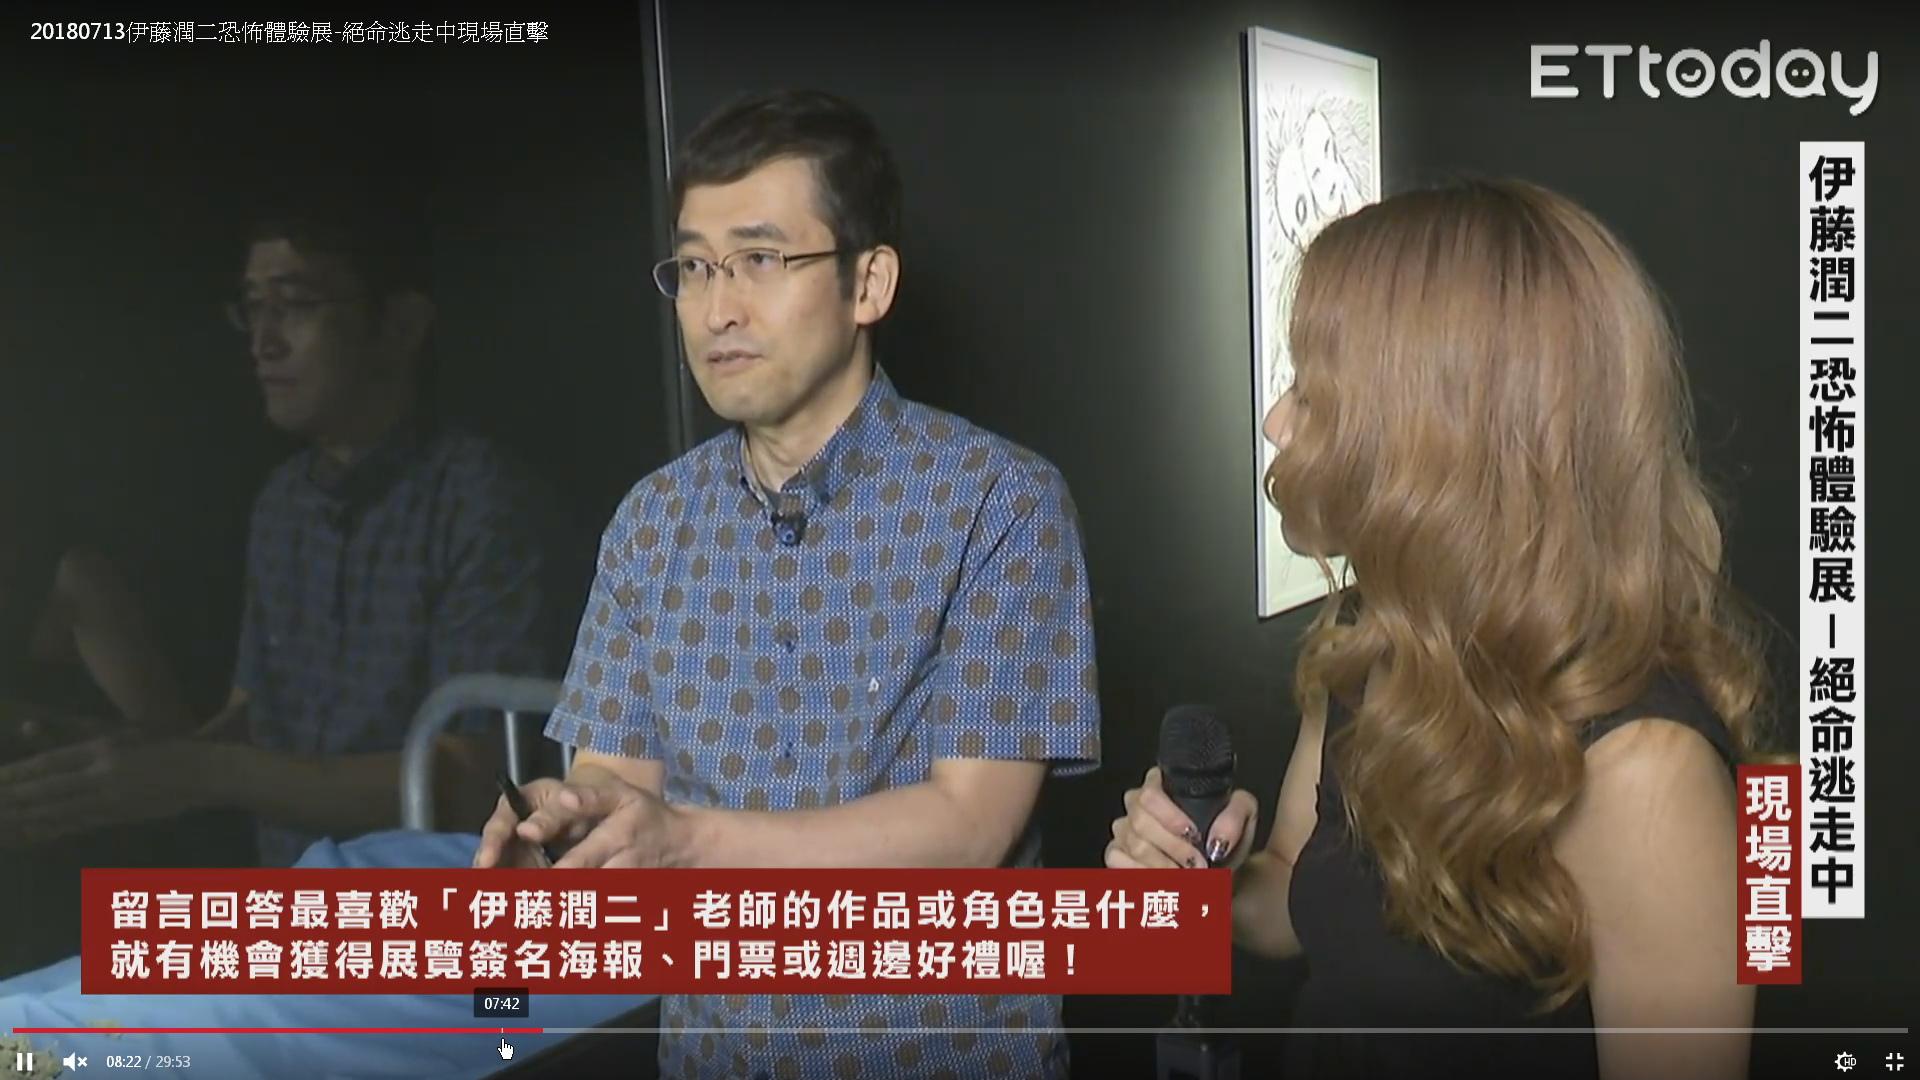 2018伊藤潤二恐怖體驗展 台北新光三越A9:伊藤潤二直播訪談 17.jpg